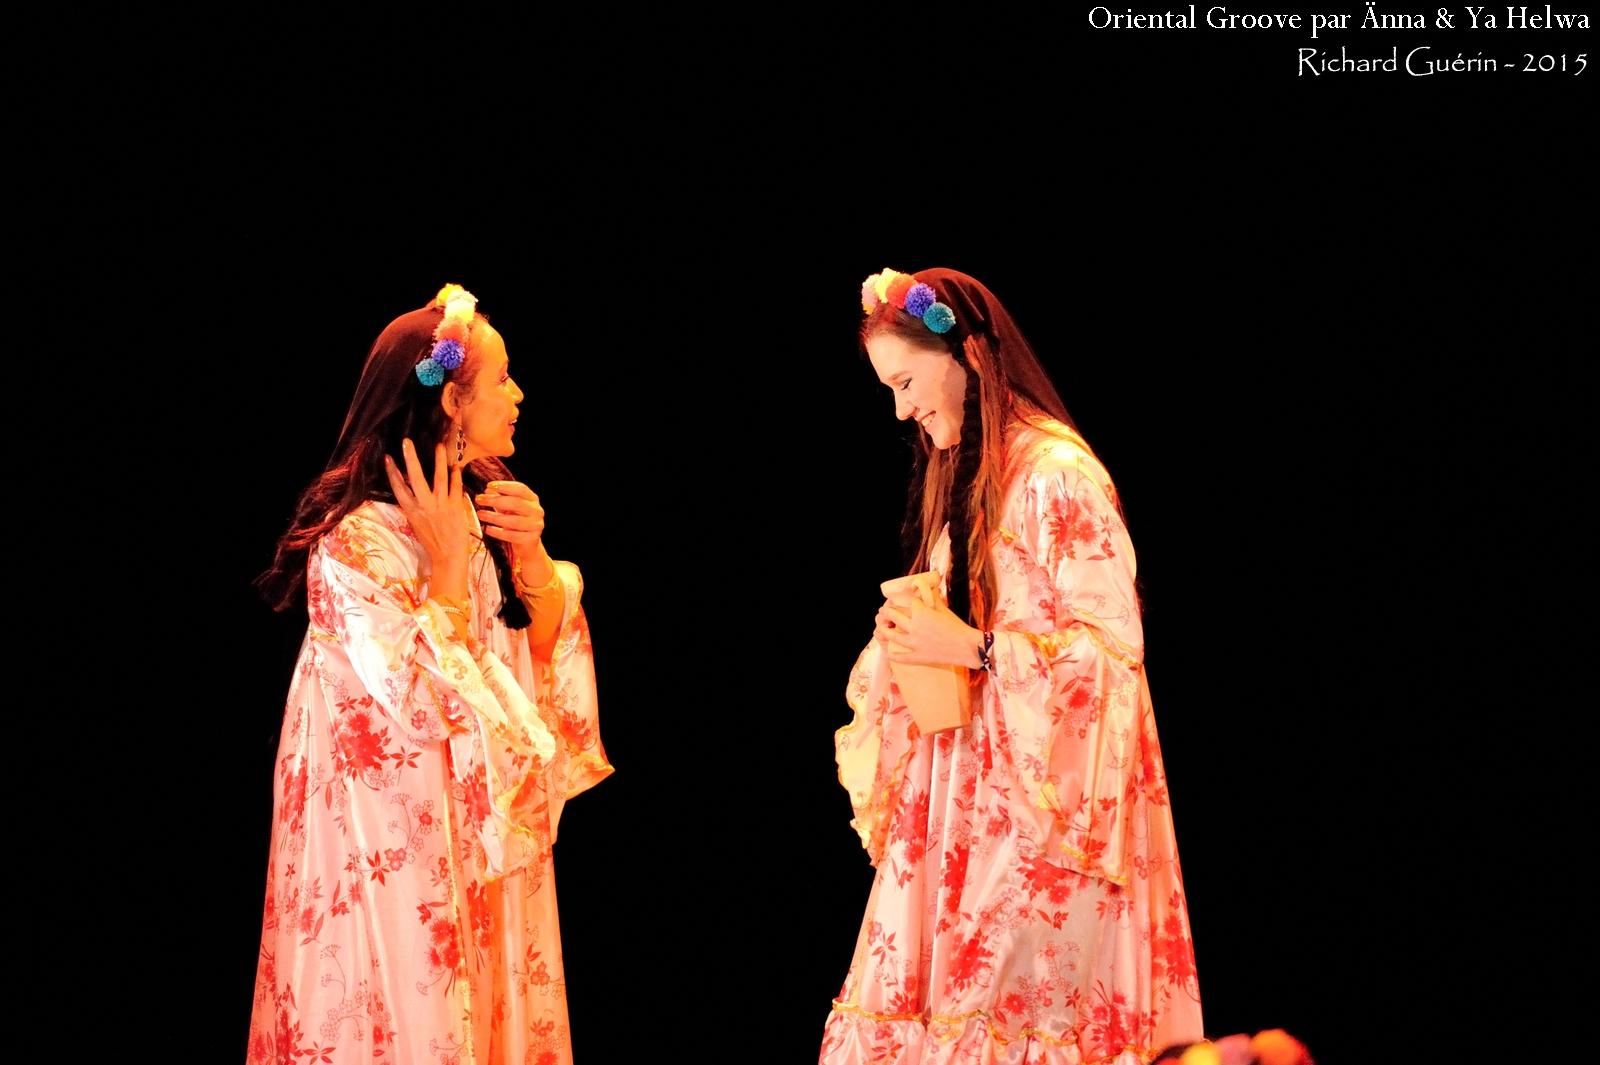 oriental-groove_02-05-2015_6842-rec.jpg